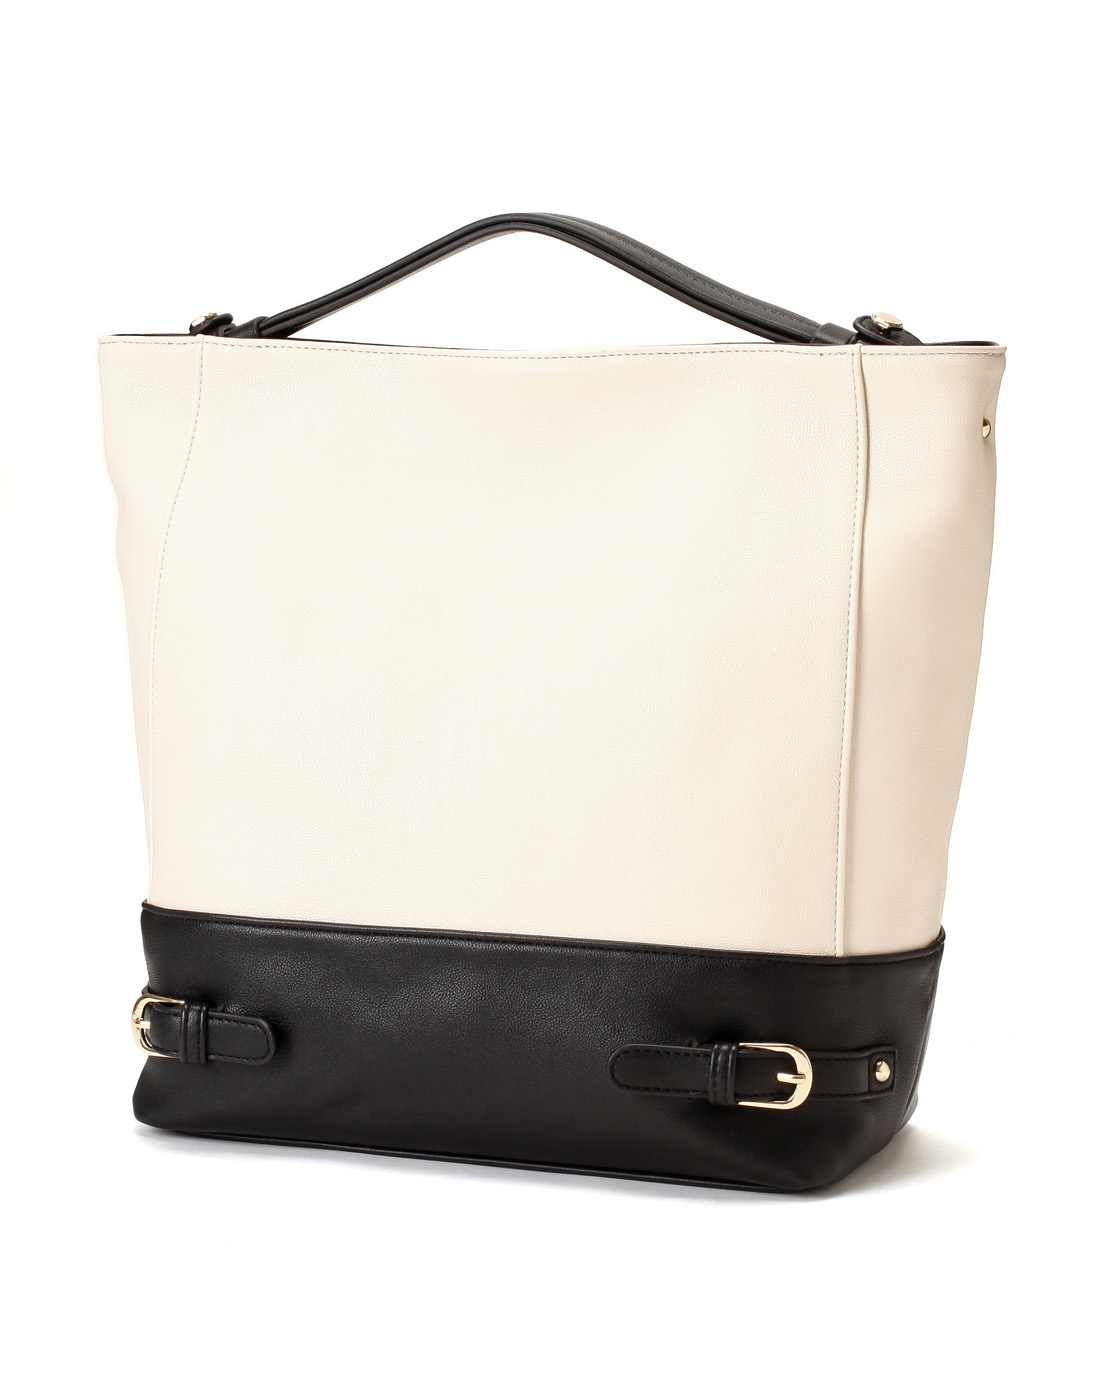 哈森harson集团品牌女鞋卡文cover2014新款白色人造